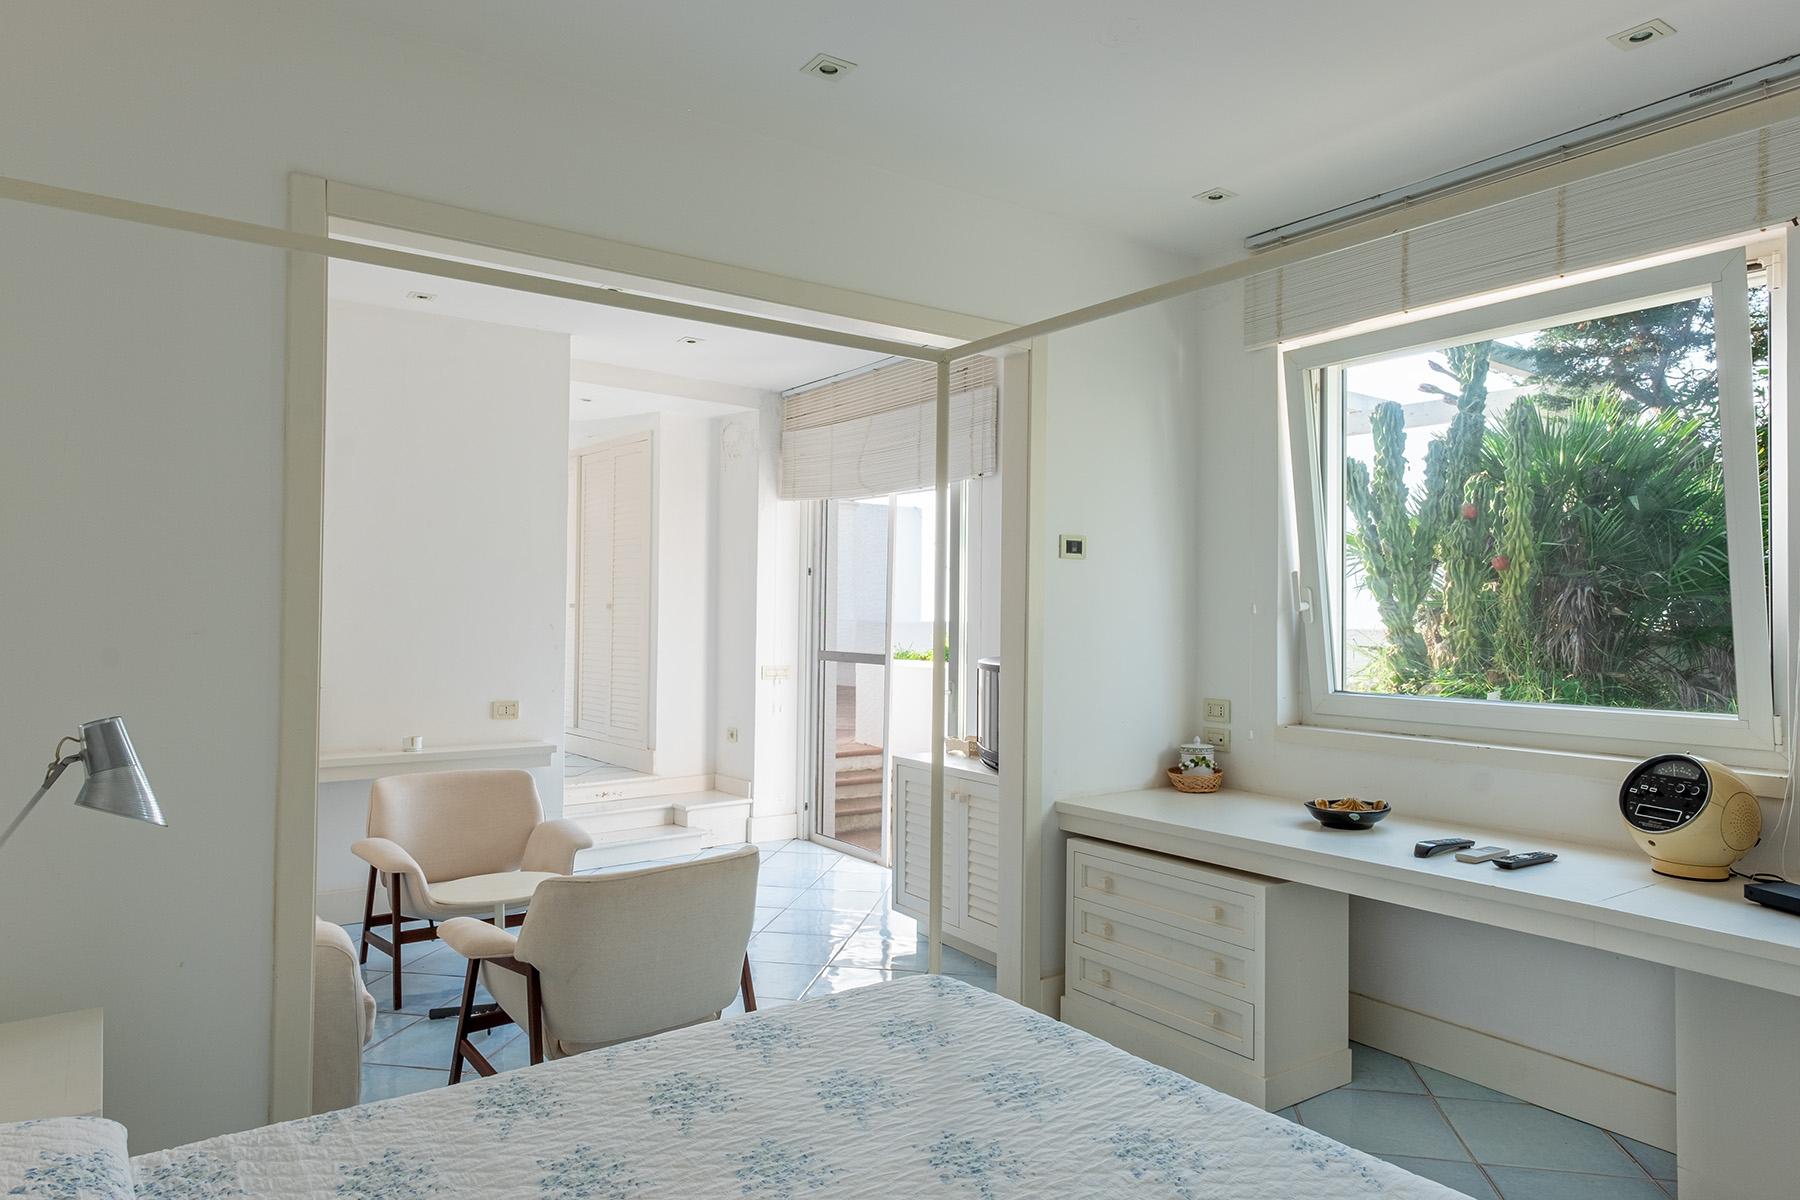 Villa in Vendita a Capri: 5 locali, 250 mq - Foto 16